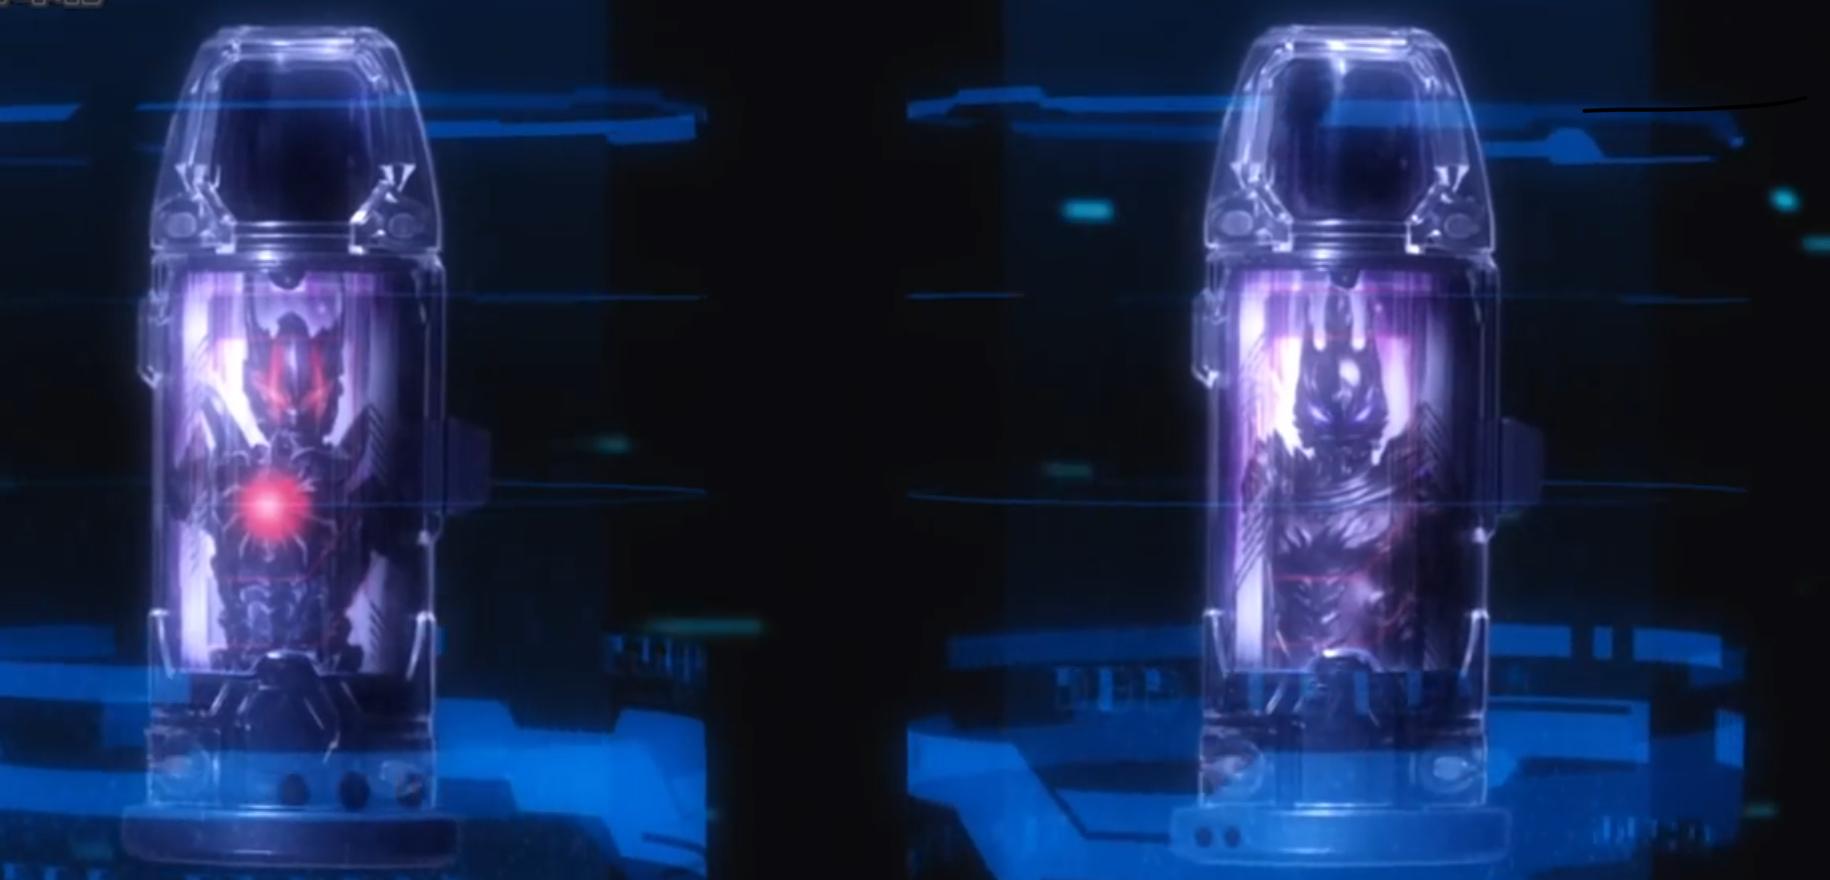 Kapsul Kaiju